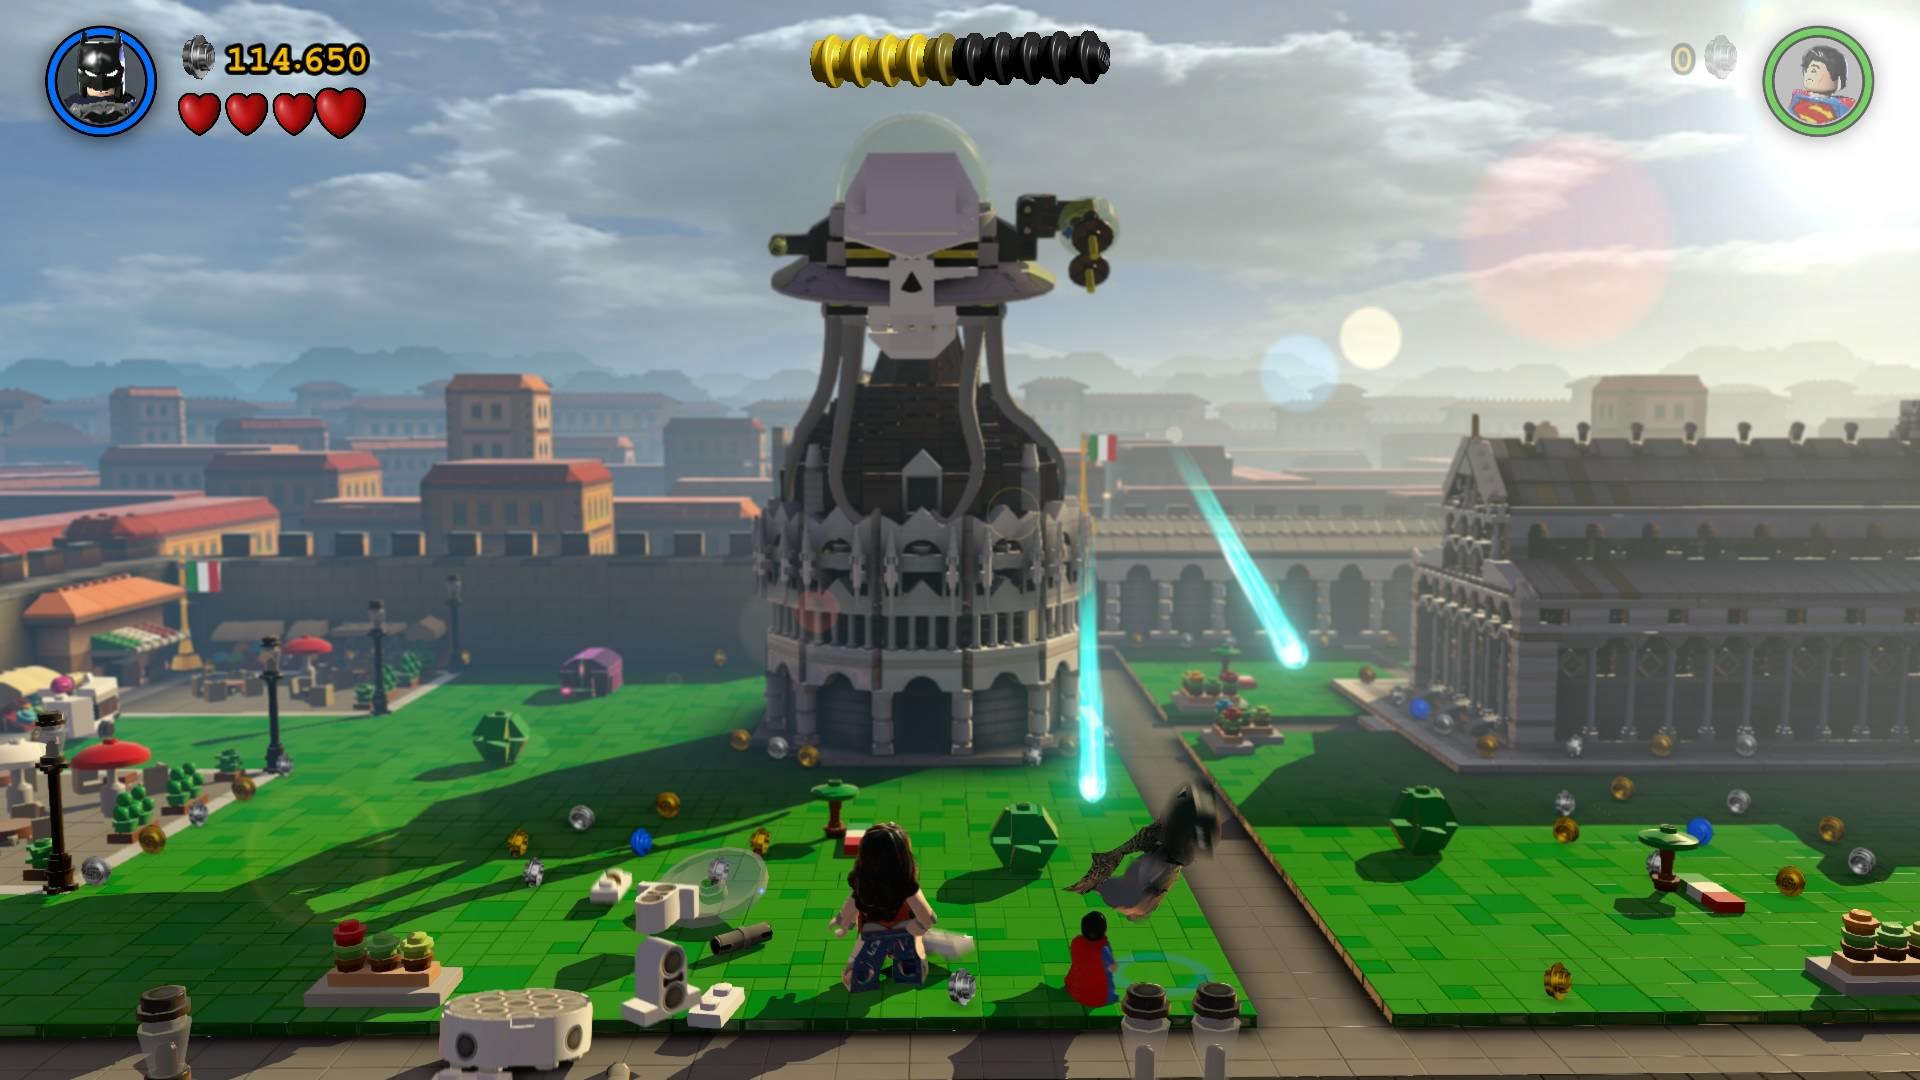 Analisis De Lego Batman 3 Mas Alla De Gotham Hobbyconsolas Juegos